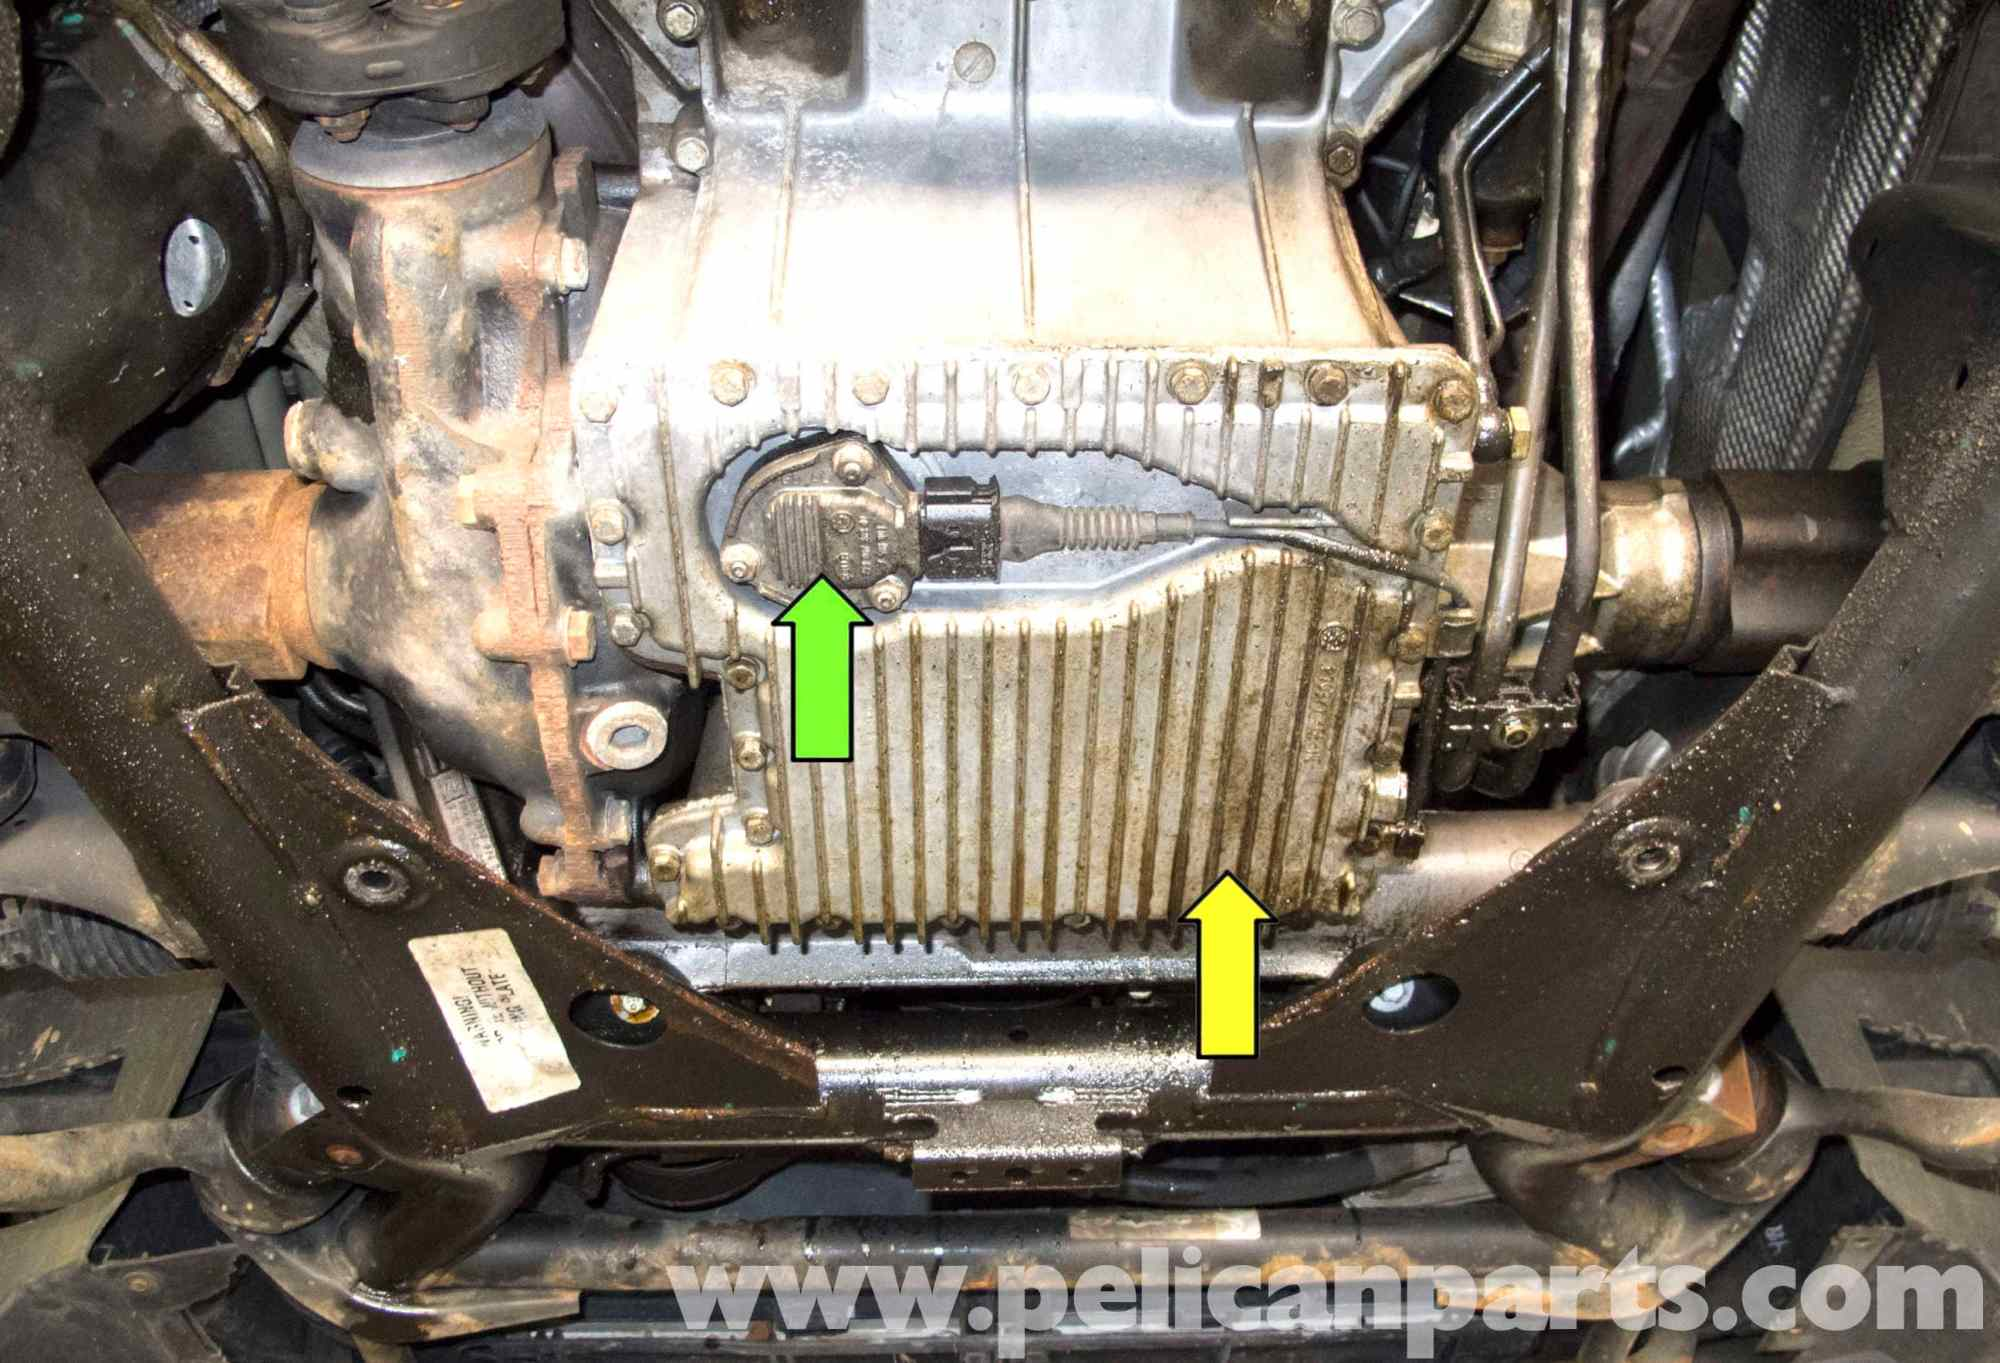 hight resolution of bmw x5 oil level sensor replacement e53 2000 2006 pelican rh pelicanparts com bmw 4 4 v8 engine diagram 2003 bmw x5 3 0 engine diagram